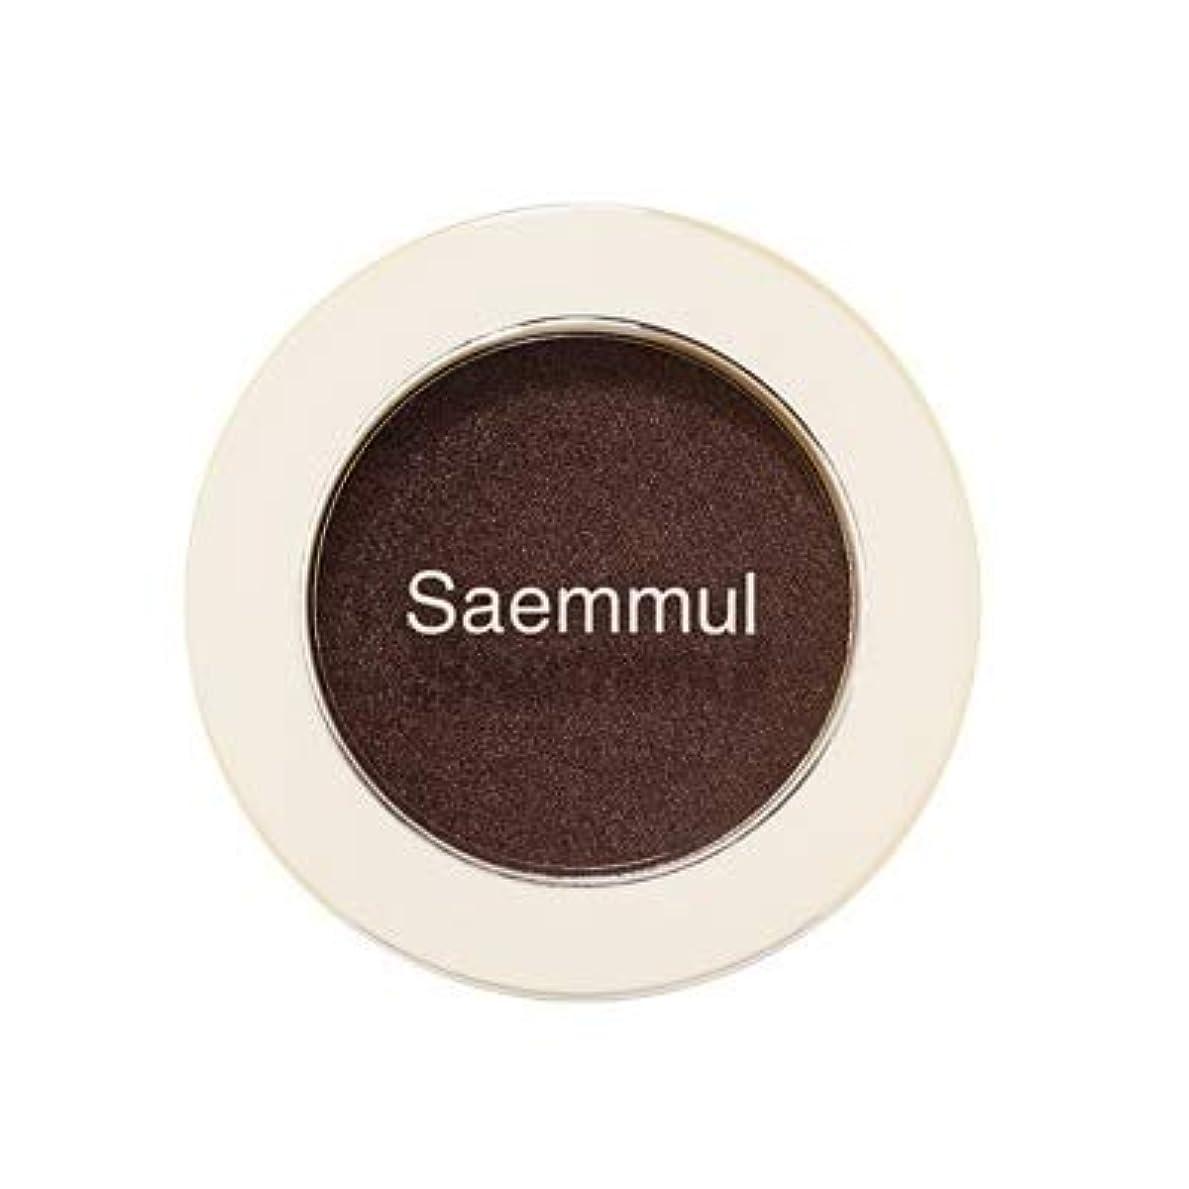 置換前文むしろtheSAEM ザセム セムムル シングル シャドウ シマー 12類 Saemmul Single Shadow SHIMMER アイシャドウ 韓国コスメ (BR11)